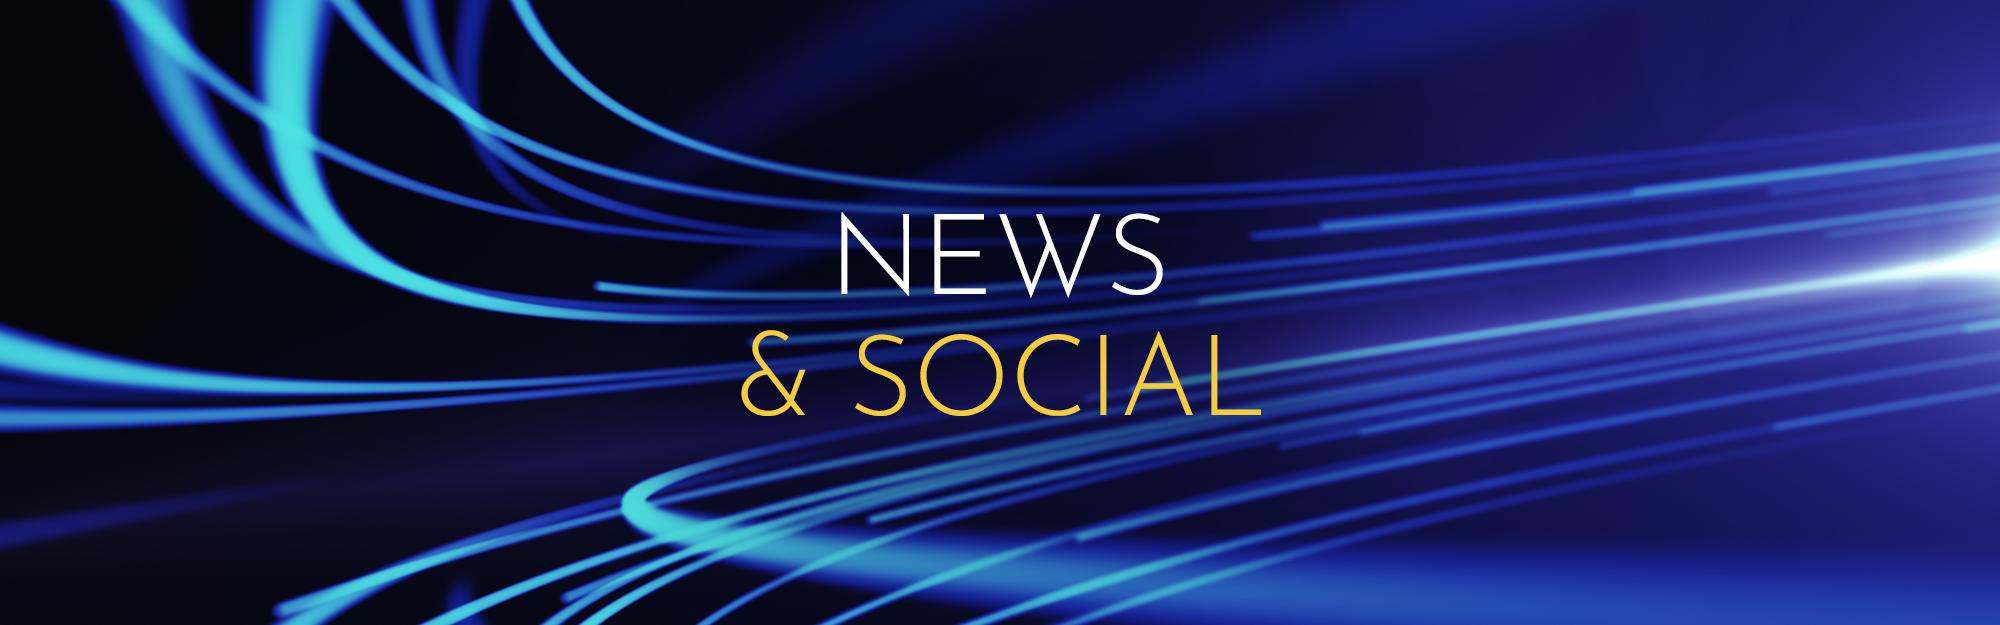 NEWS & SOCIAL